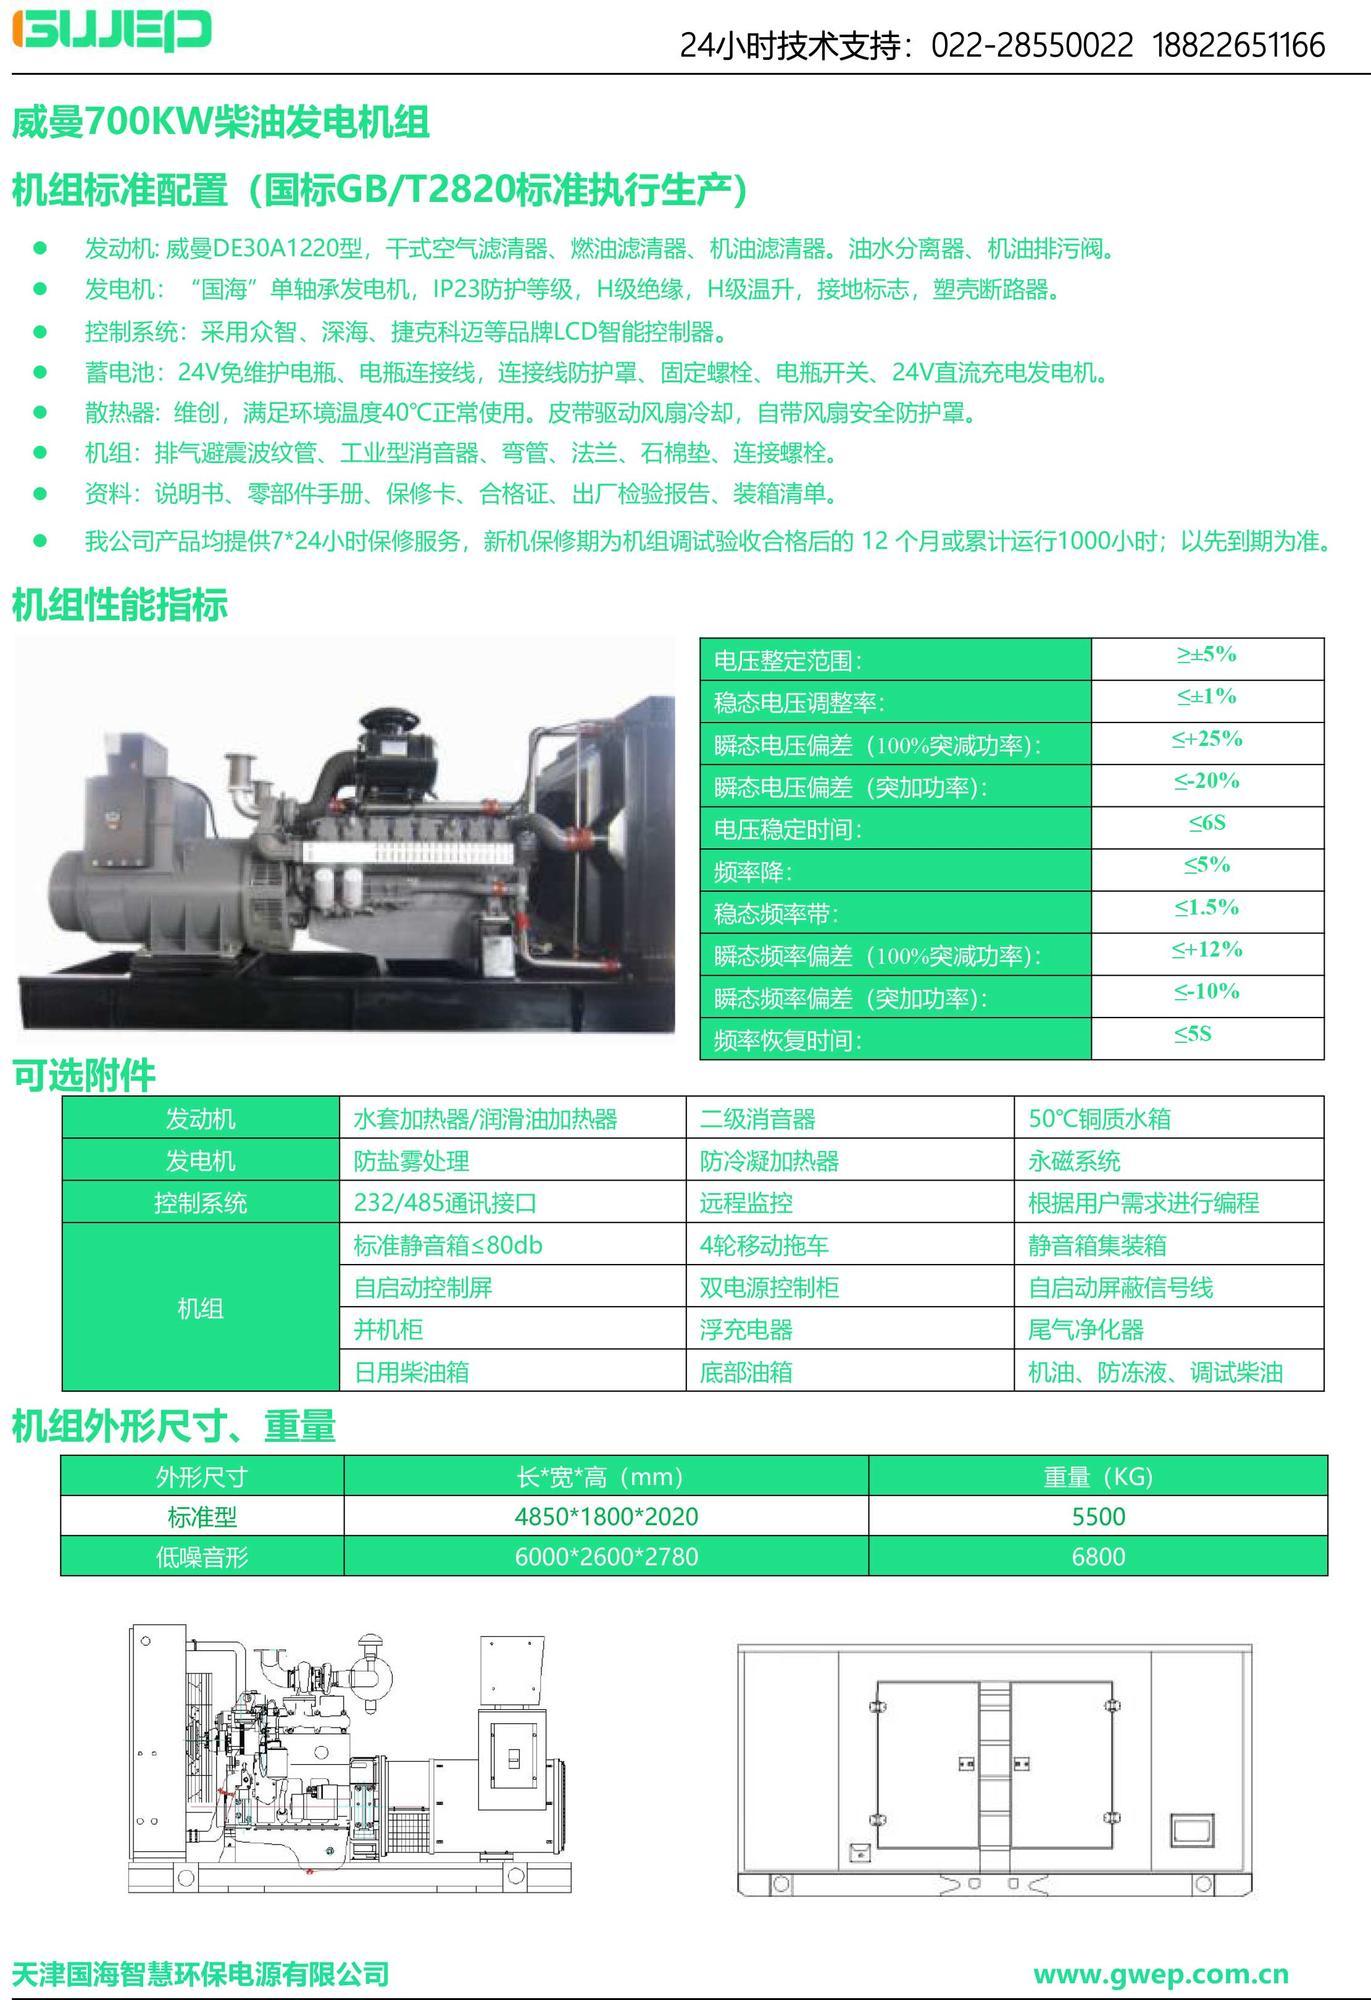 威曼700KW发电机组技术资料-1.jpg